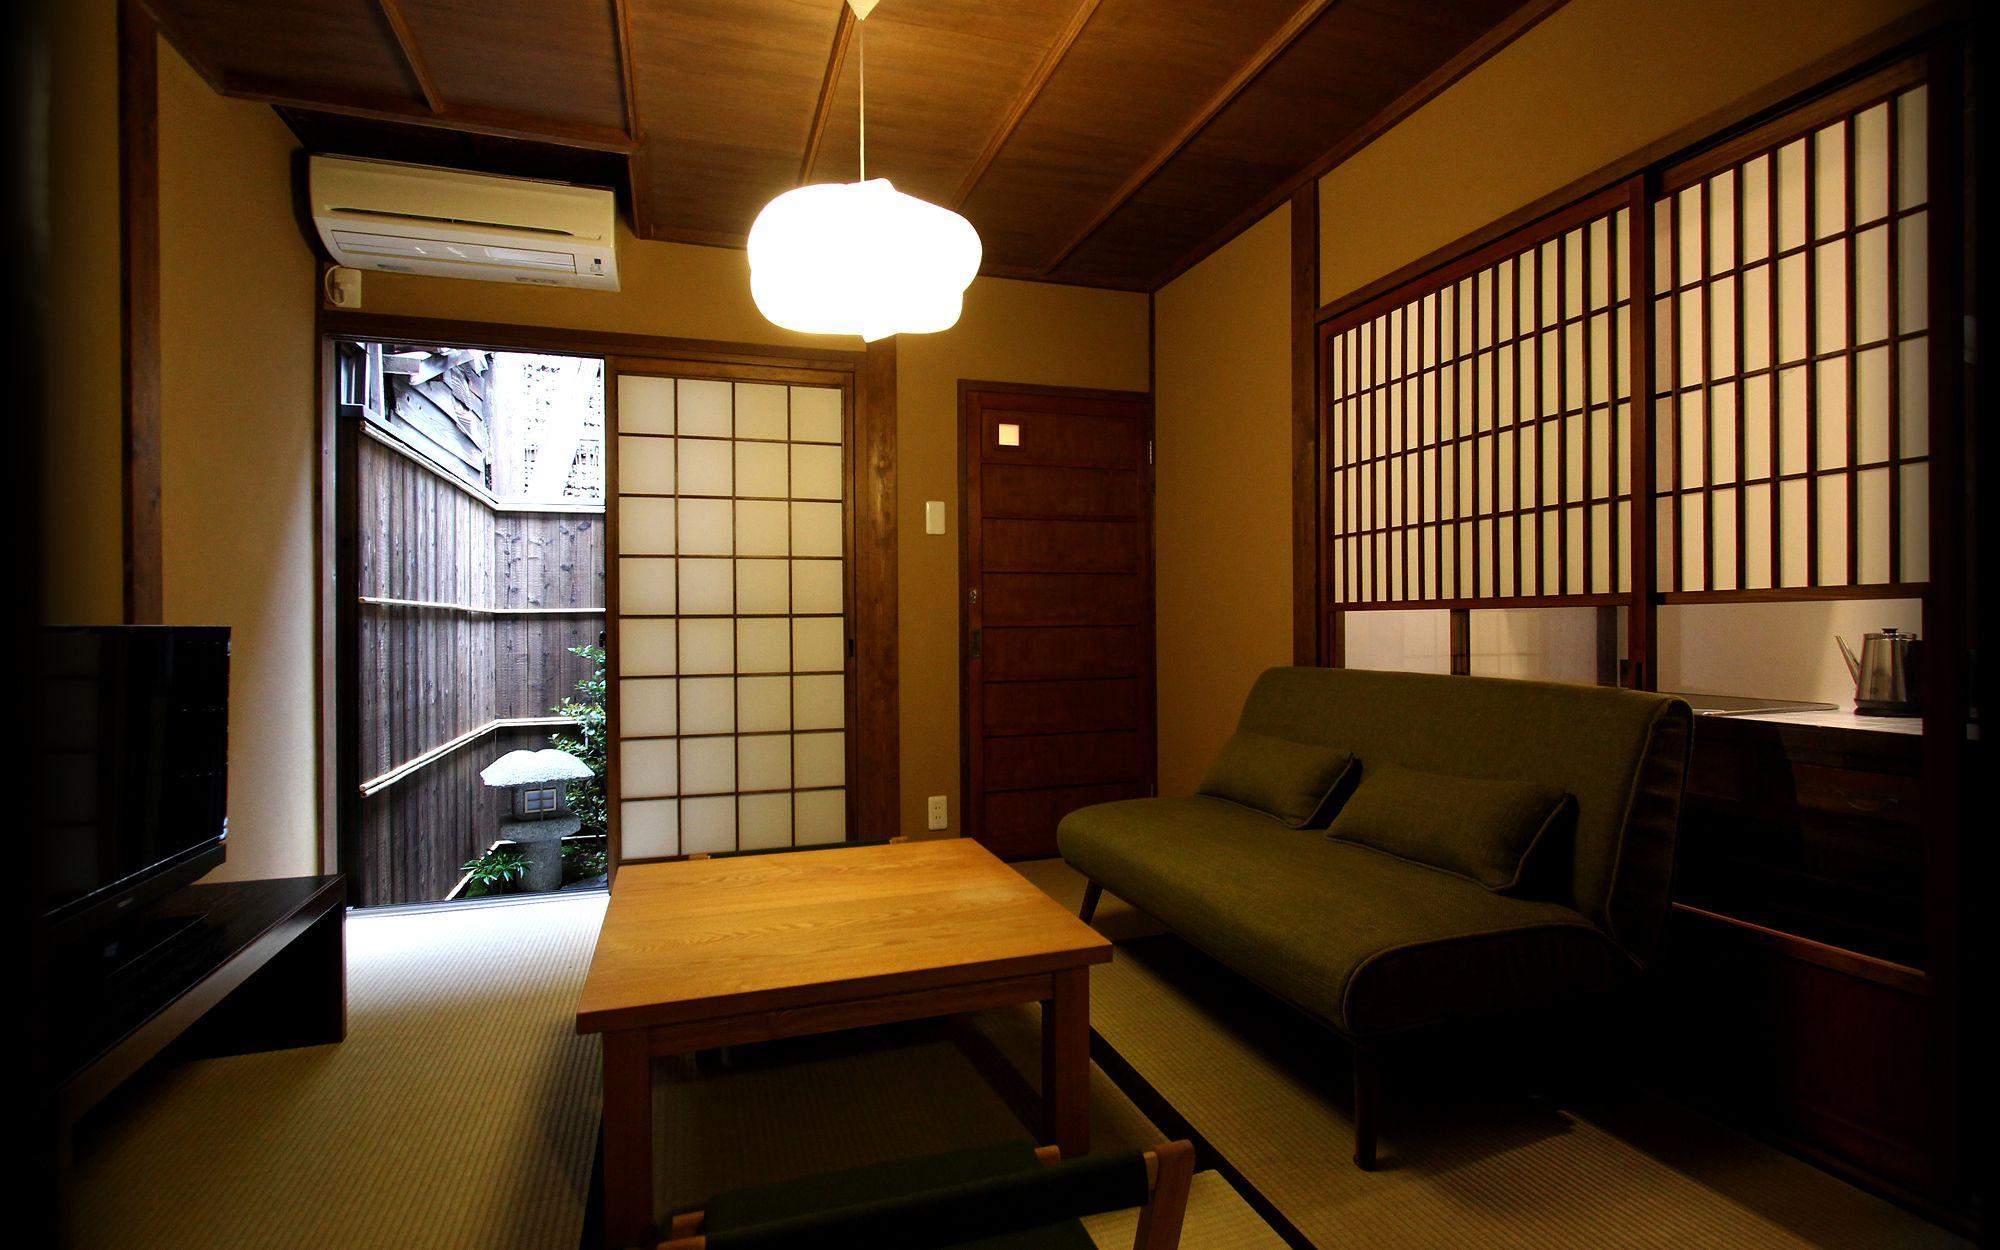 朱雀こんるり庵 | 京都町家レジデンスイン